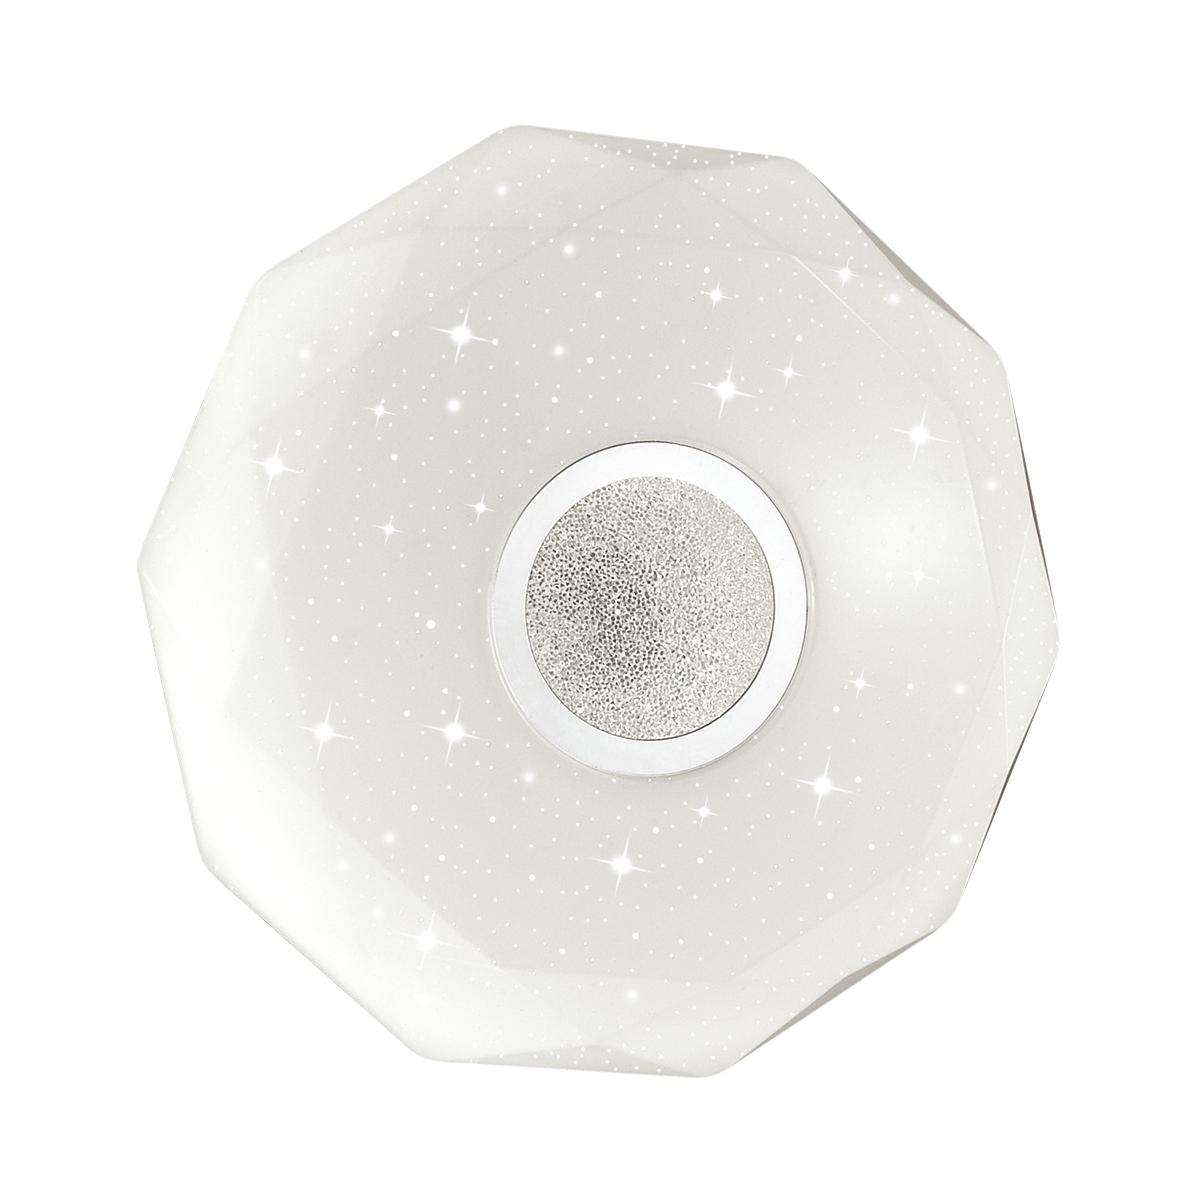 Потолочный светодиодный светильник Sonex Prisa 2057/DL, IP43, LED 48W 2360lm, белый, прозрачный, хром, металл, пластик - фото 2